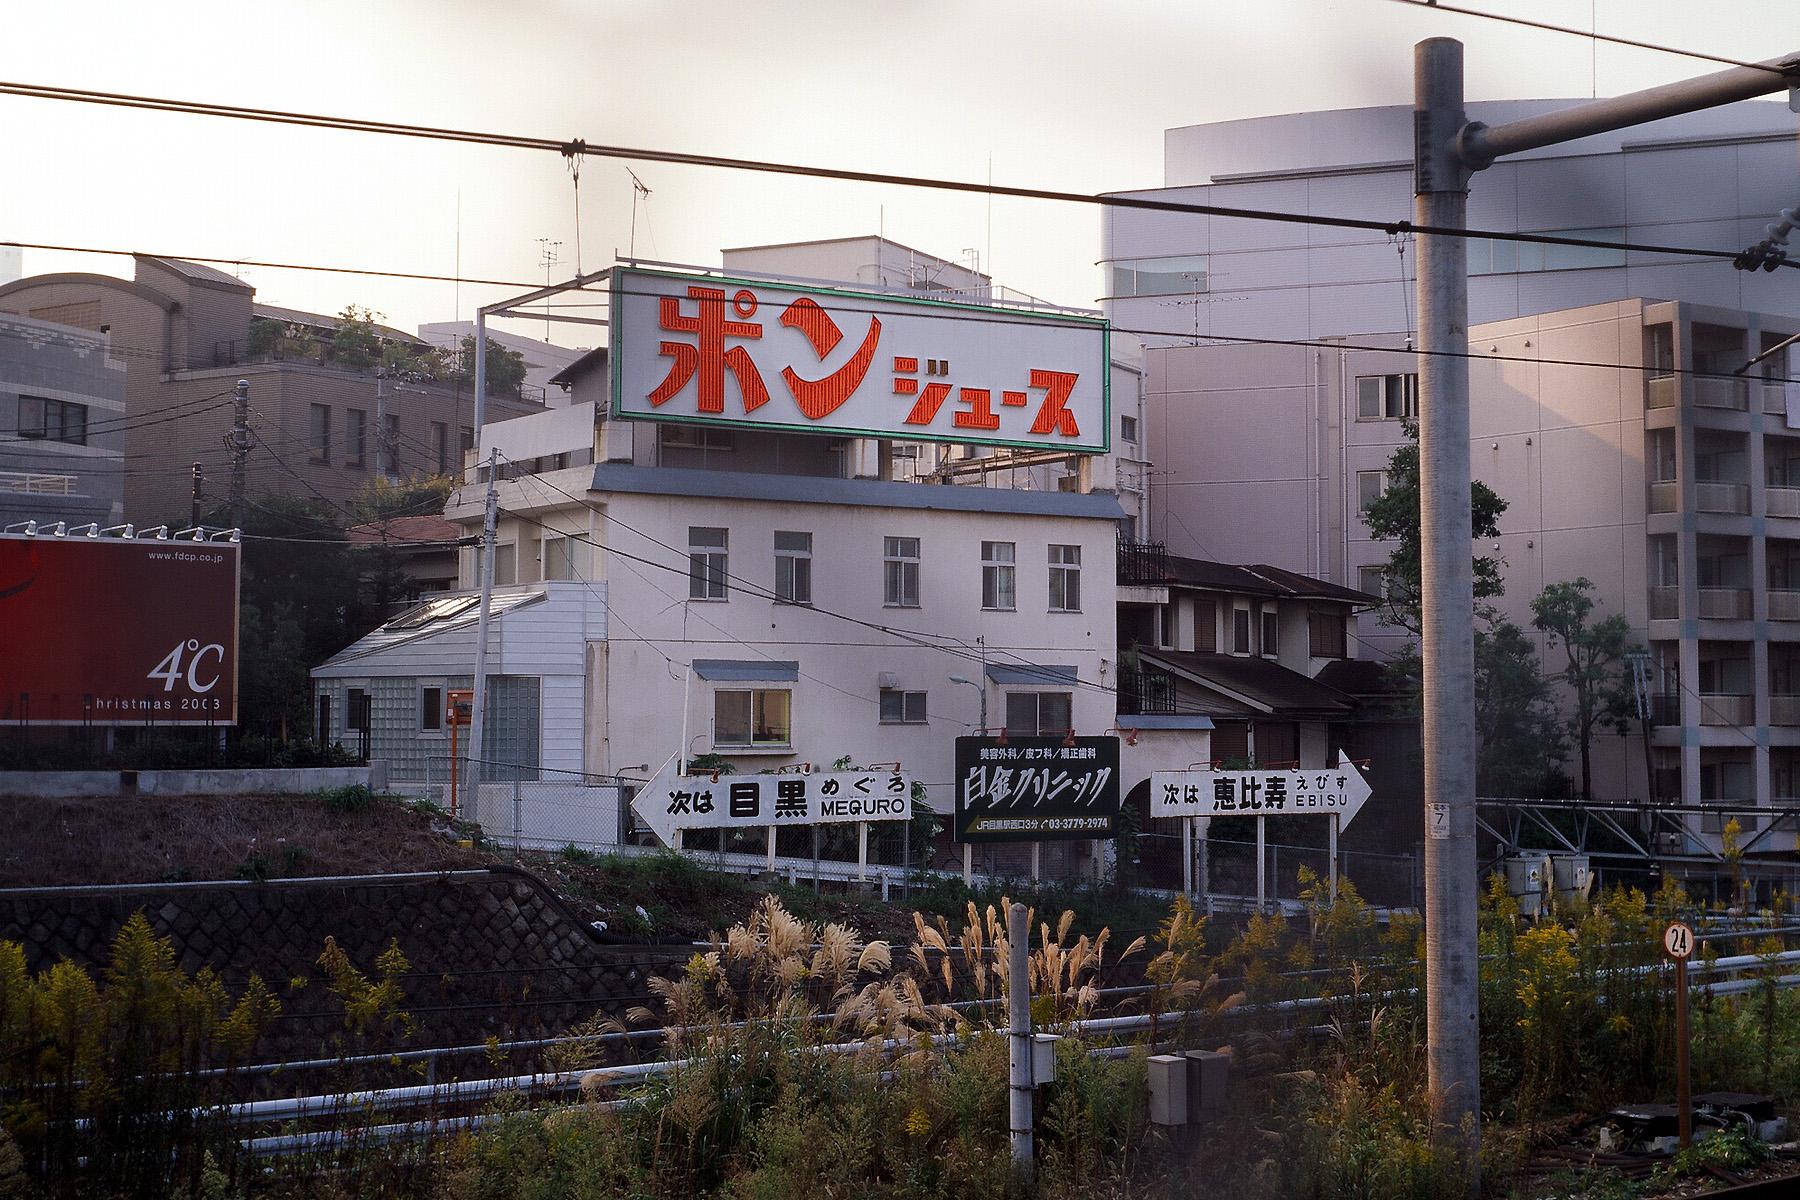 116 山手線 目黒・恵比寿間 品川区上大崎2 20031102 (03.43.11)